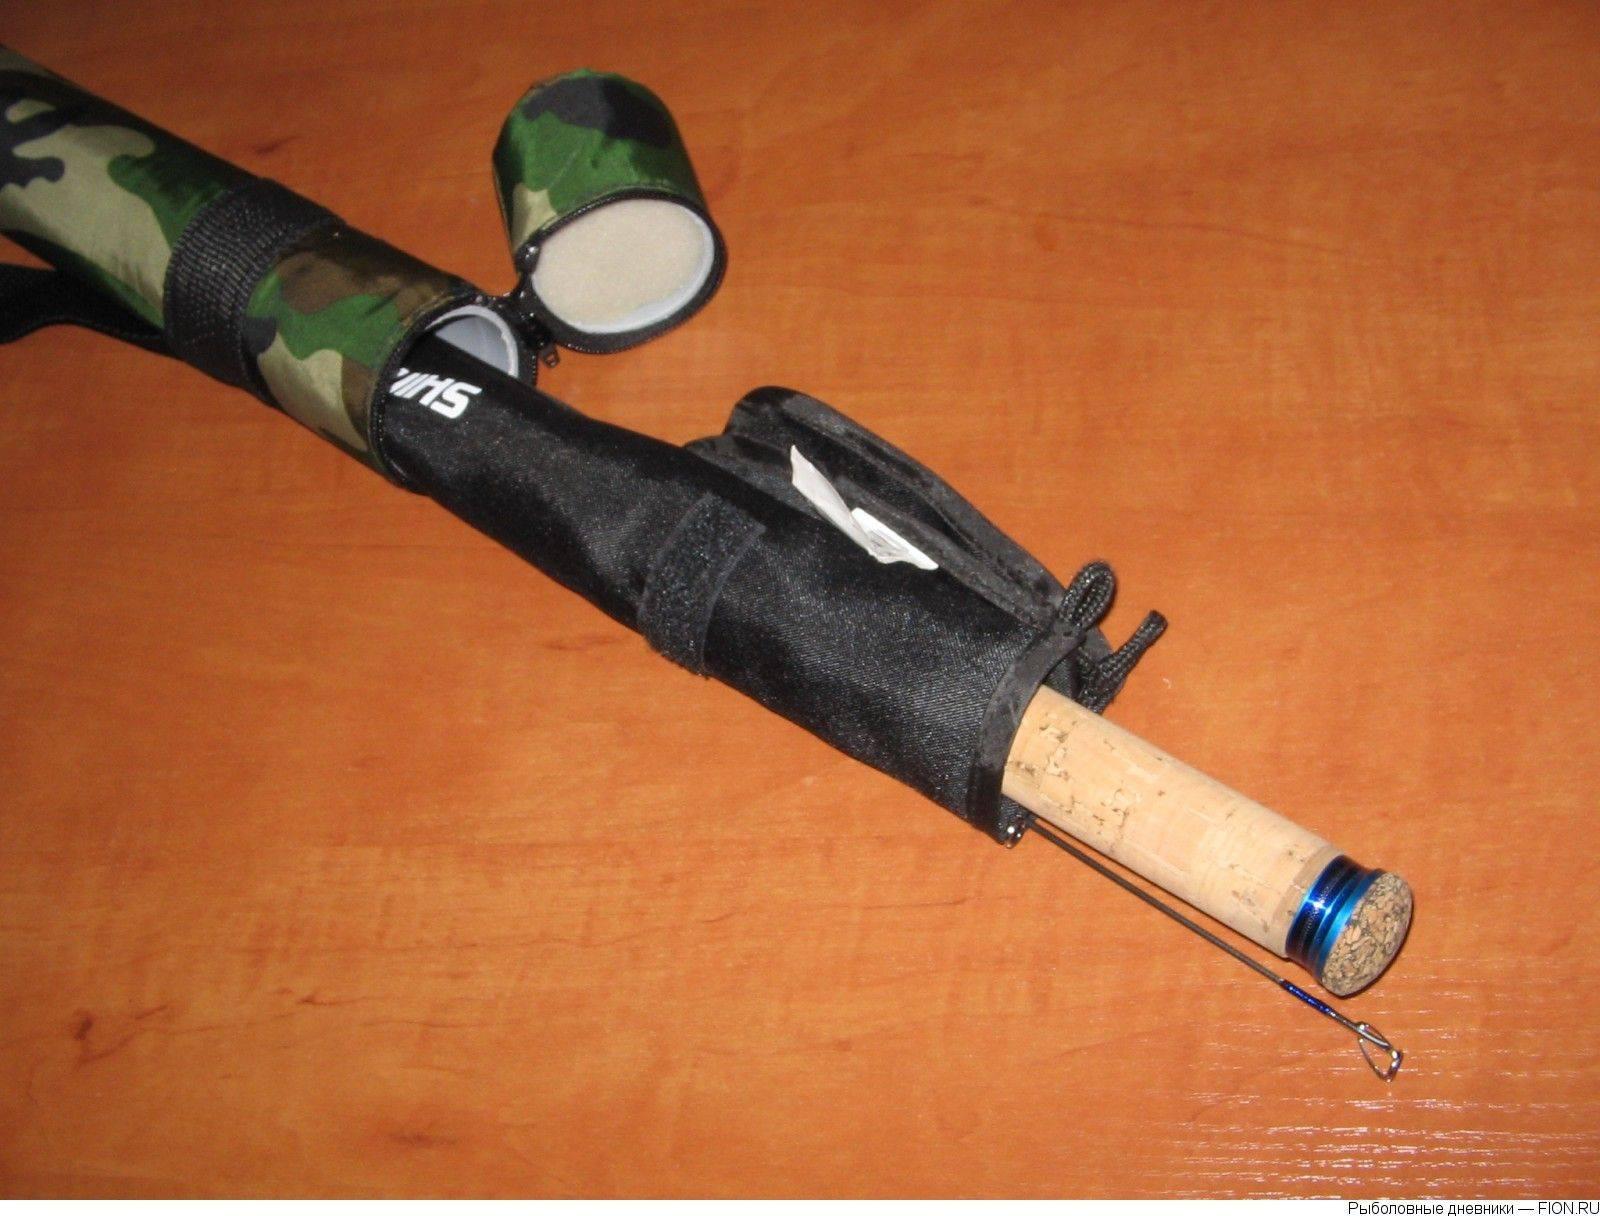 Чехол для удочек своими руками, изготовление сумки для спиннинга с катушкой, удилища